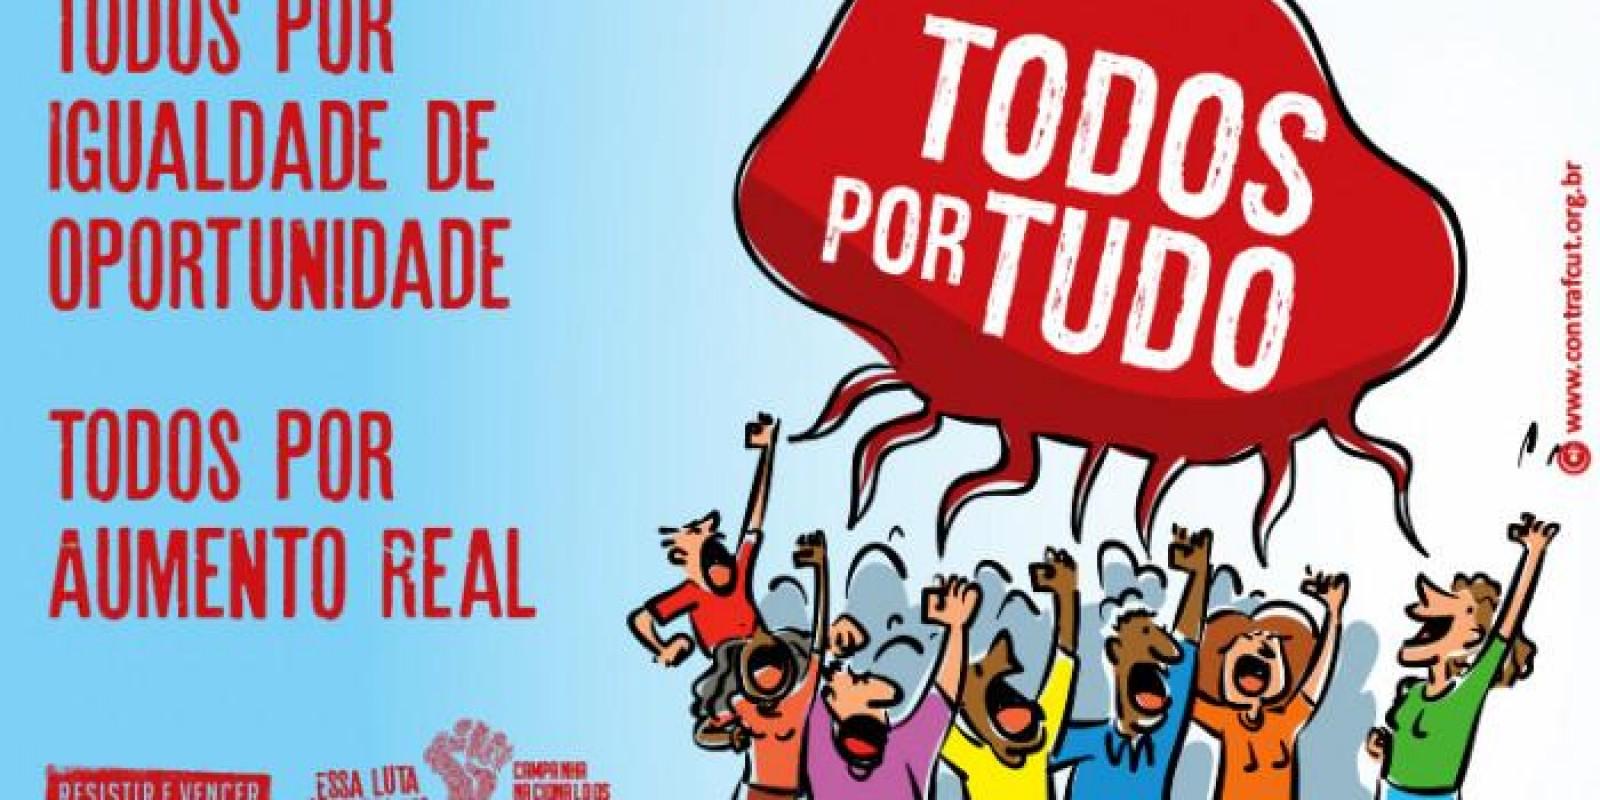 Hoje é dia de proposta com aumento real, PLR maior, mais empregos e manutenção dos direitos